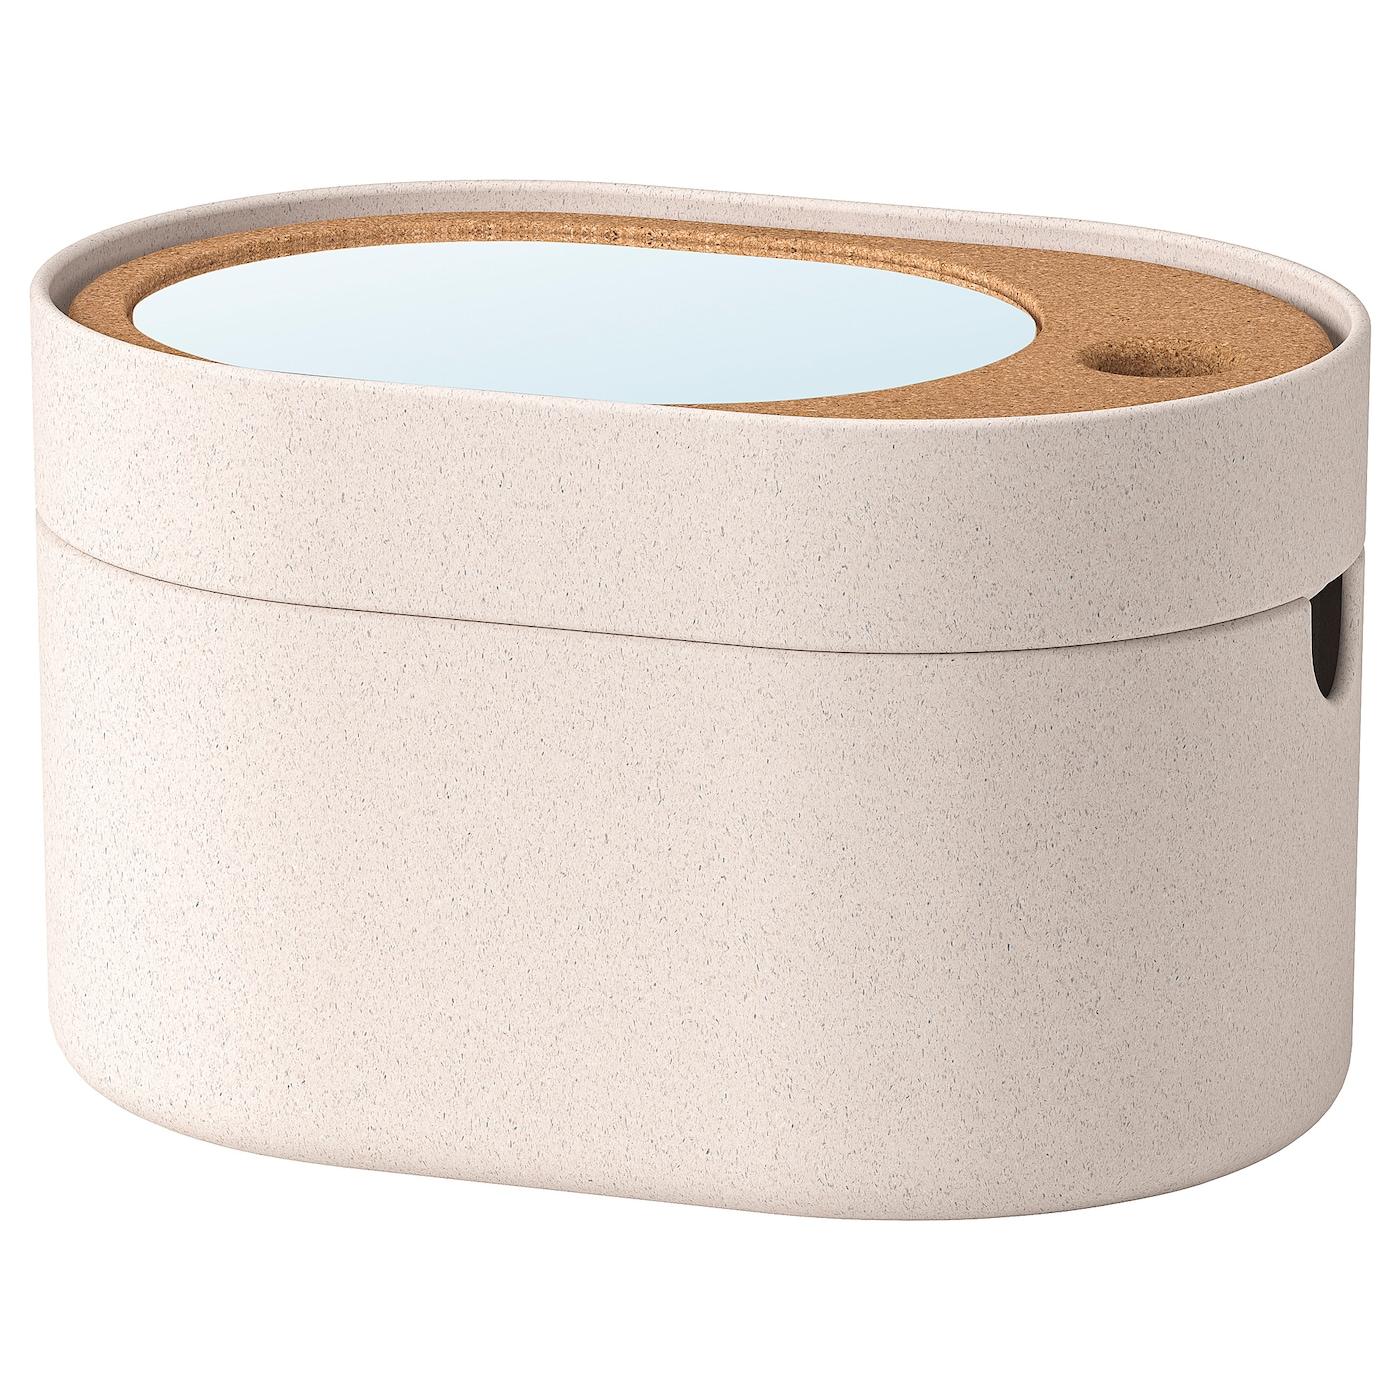 SAXBORGA Kasten mit Spiegeldeckel - Kunststoff Kork 24x17 cm